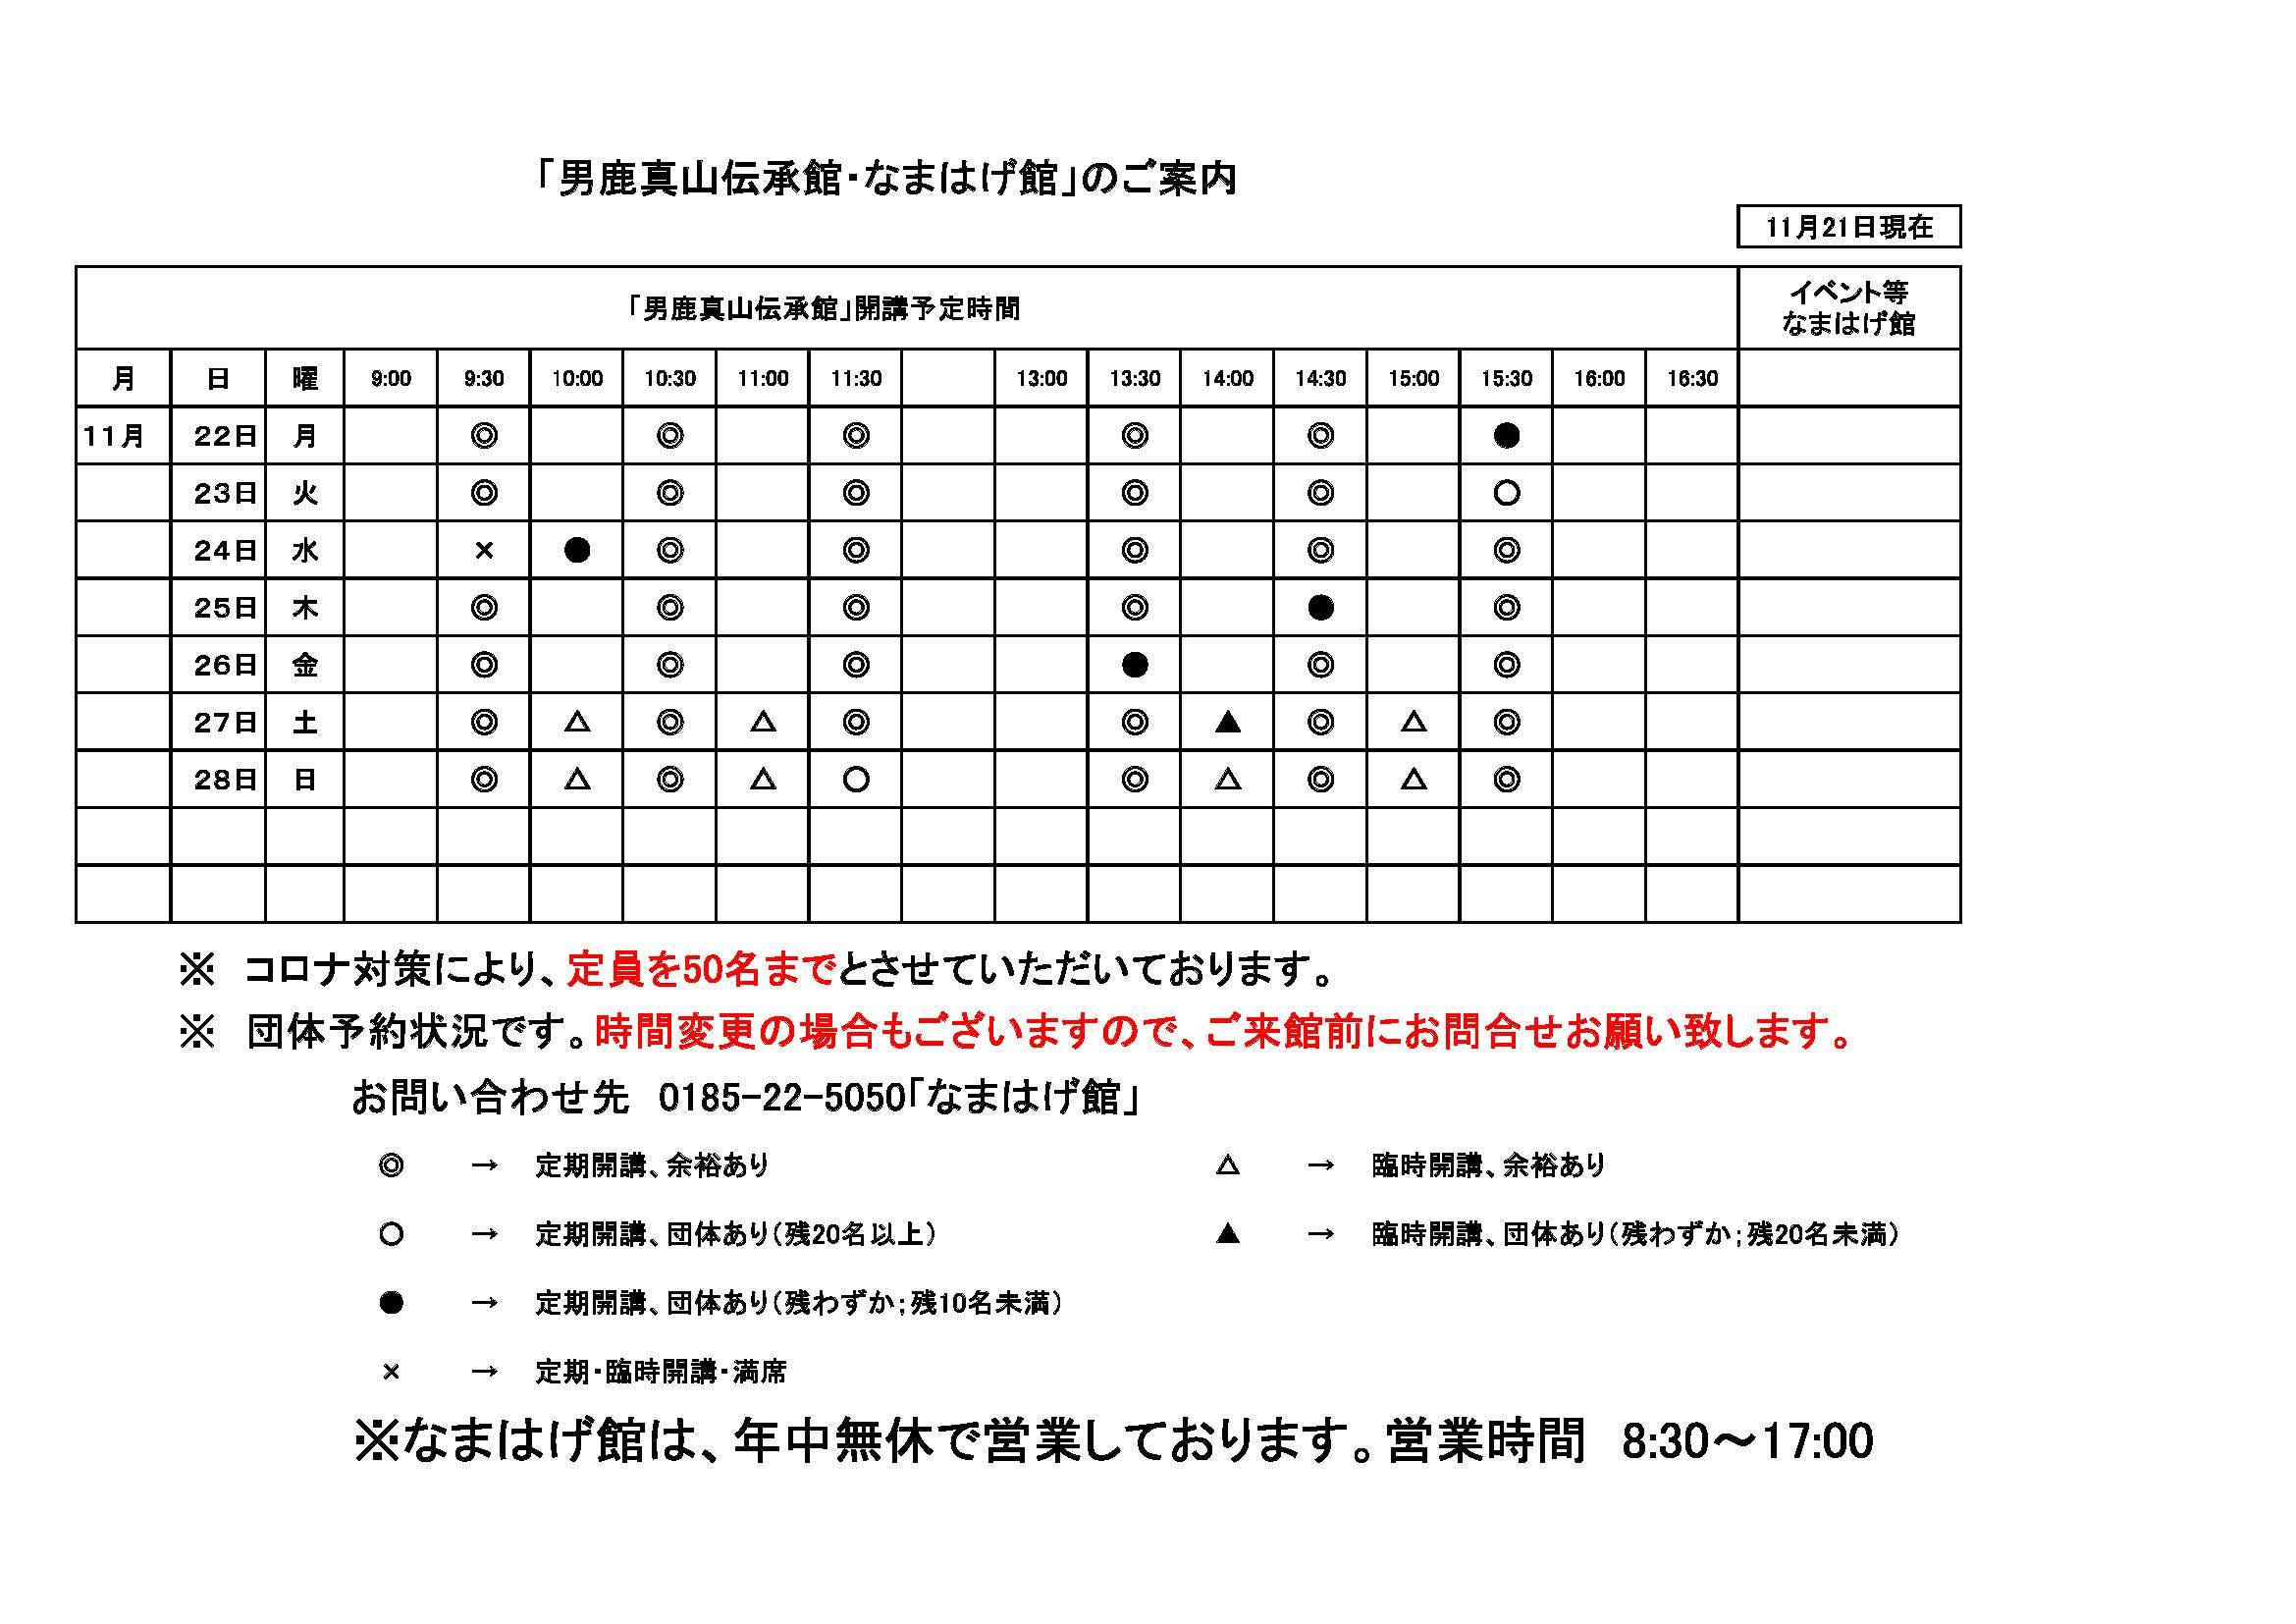 伝承館お知らせ(コロナ)_ページ_1.jpg